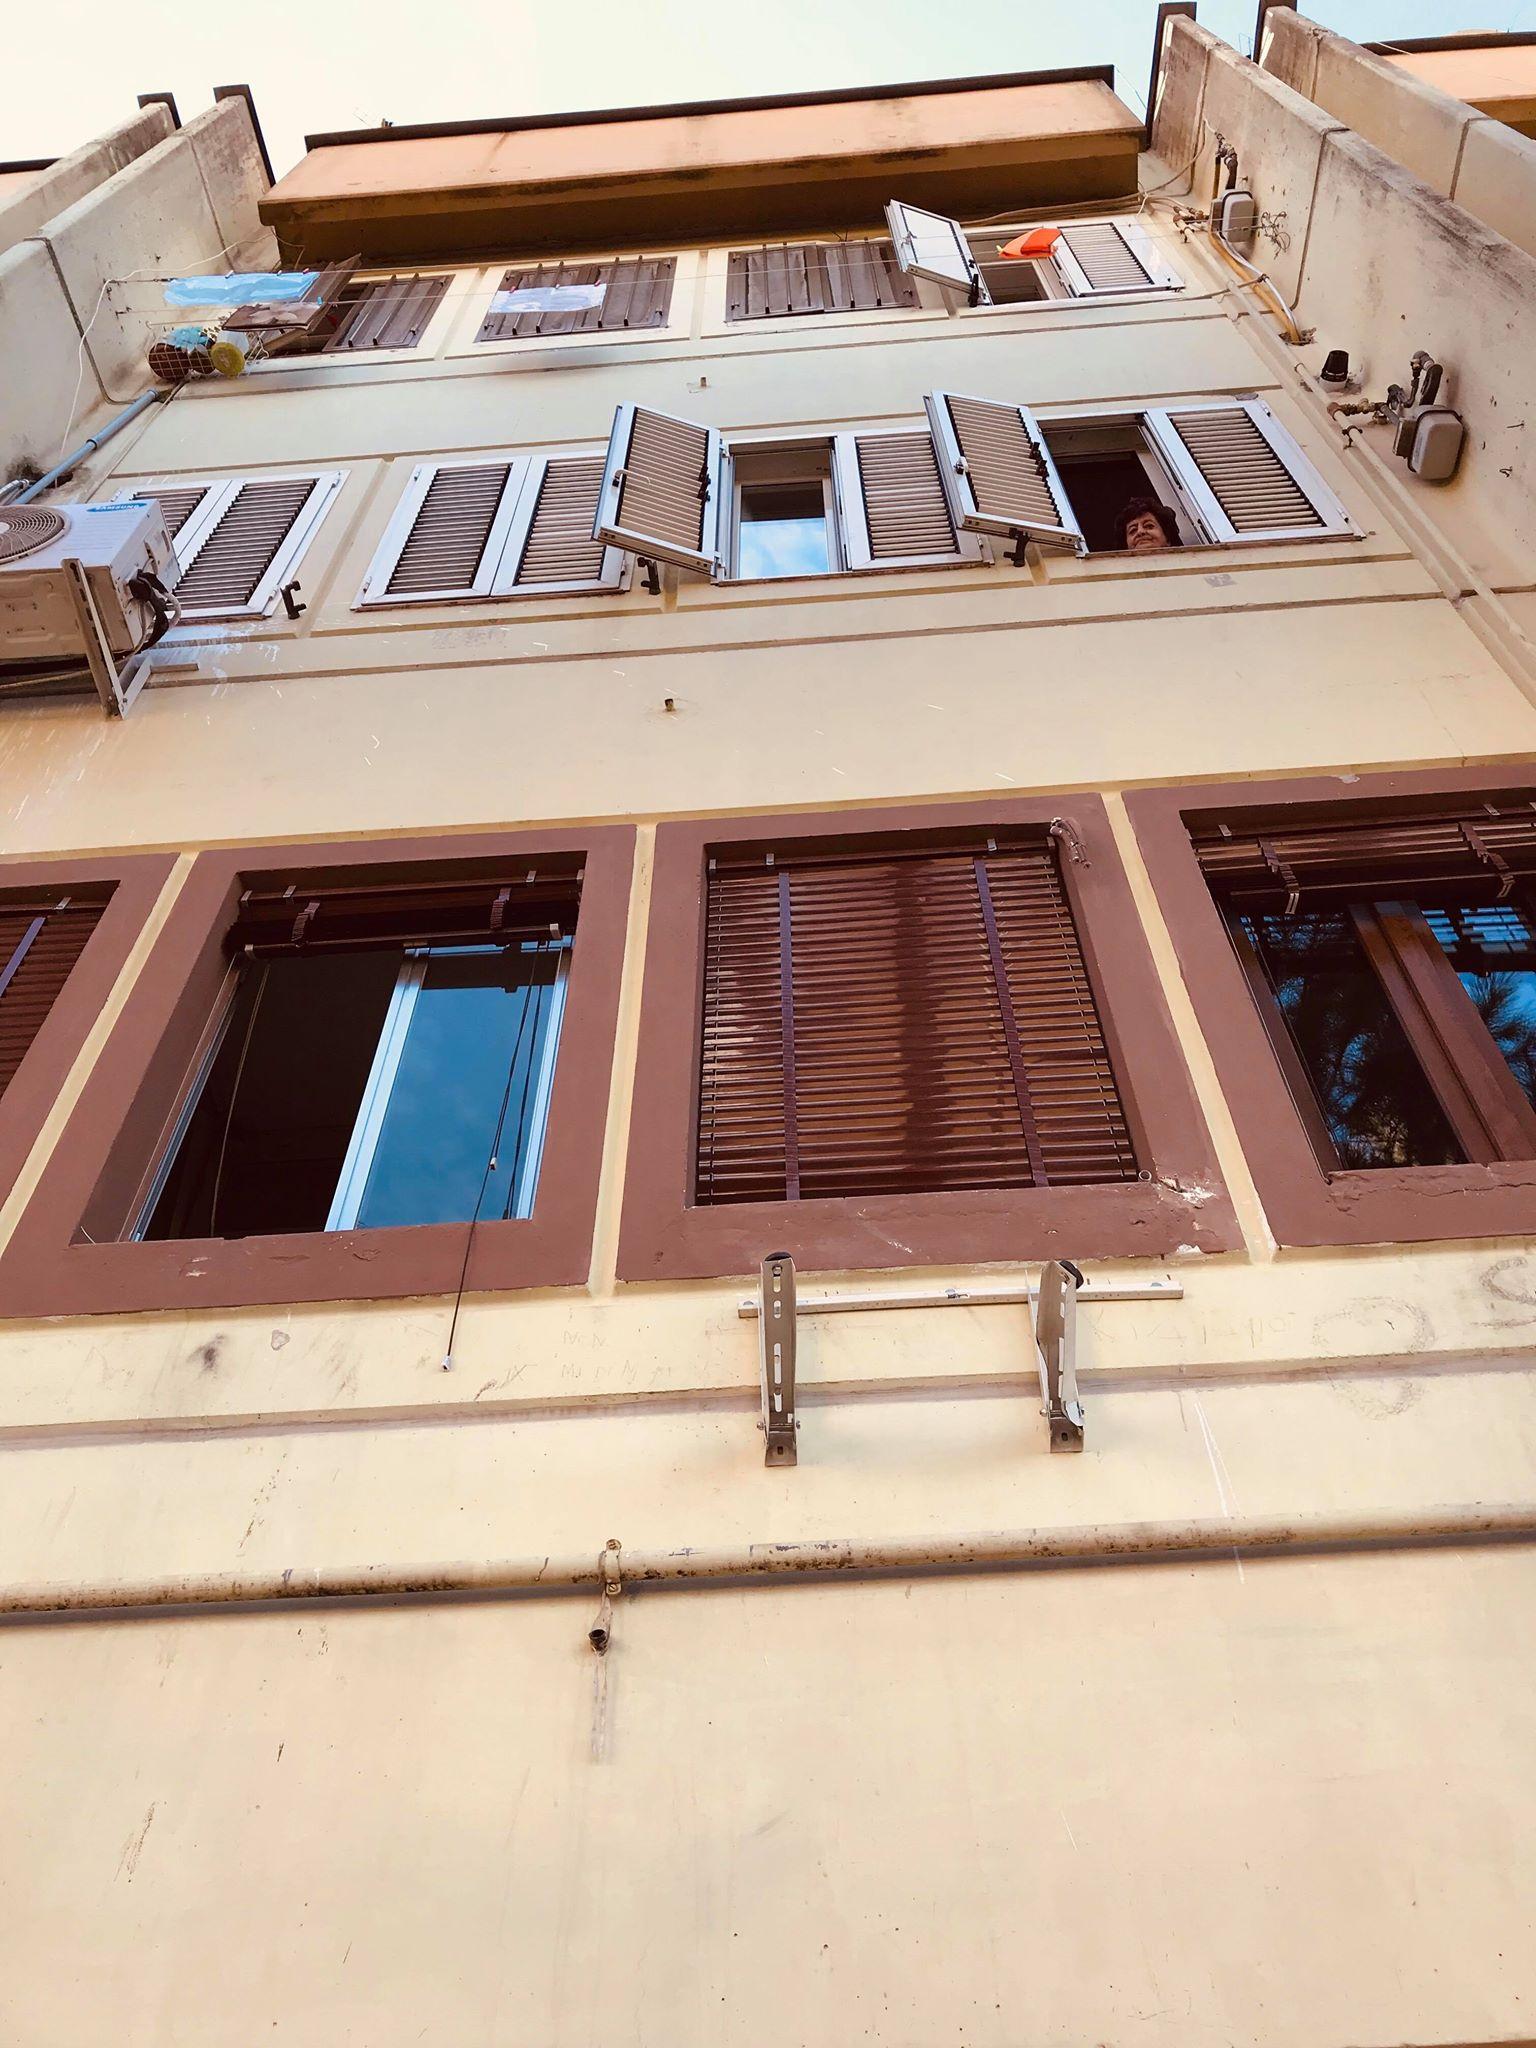 Napoli, Chiaiano: Quelle palazzine vanno abbattute, costruire alloggi dignitosi per le persone